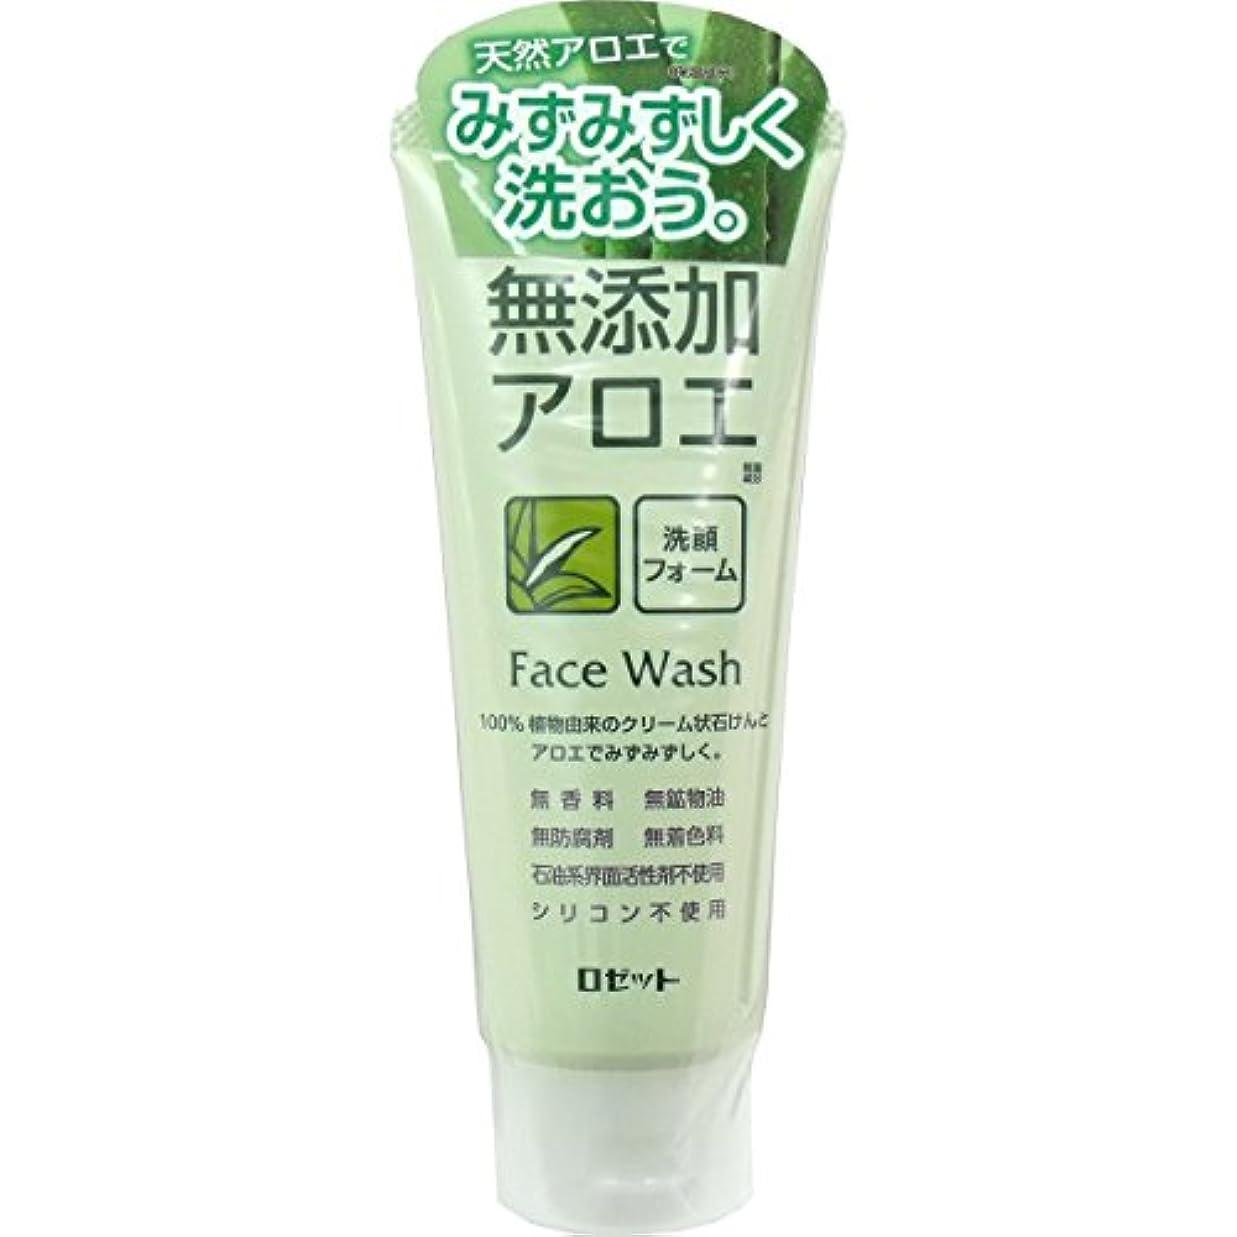 ポンペイファイアル静かに【ロゼット】無添加アロエ 洗顔フォーム 140g ×5個セット